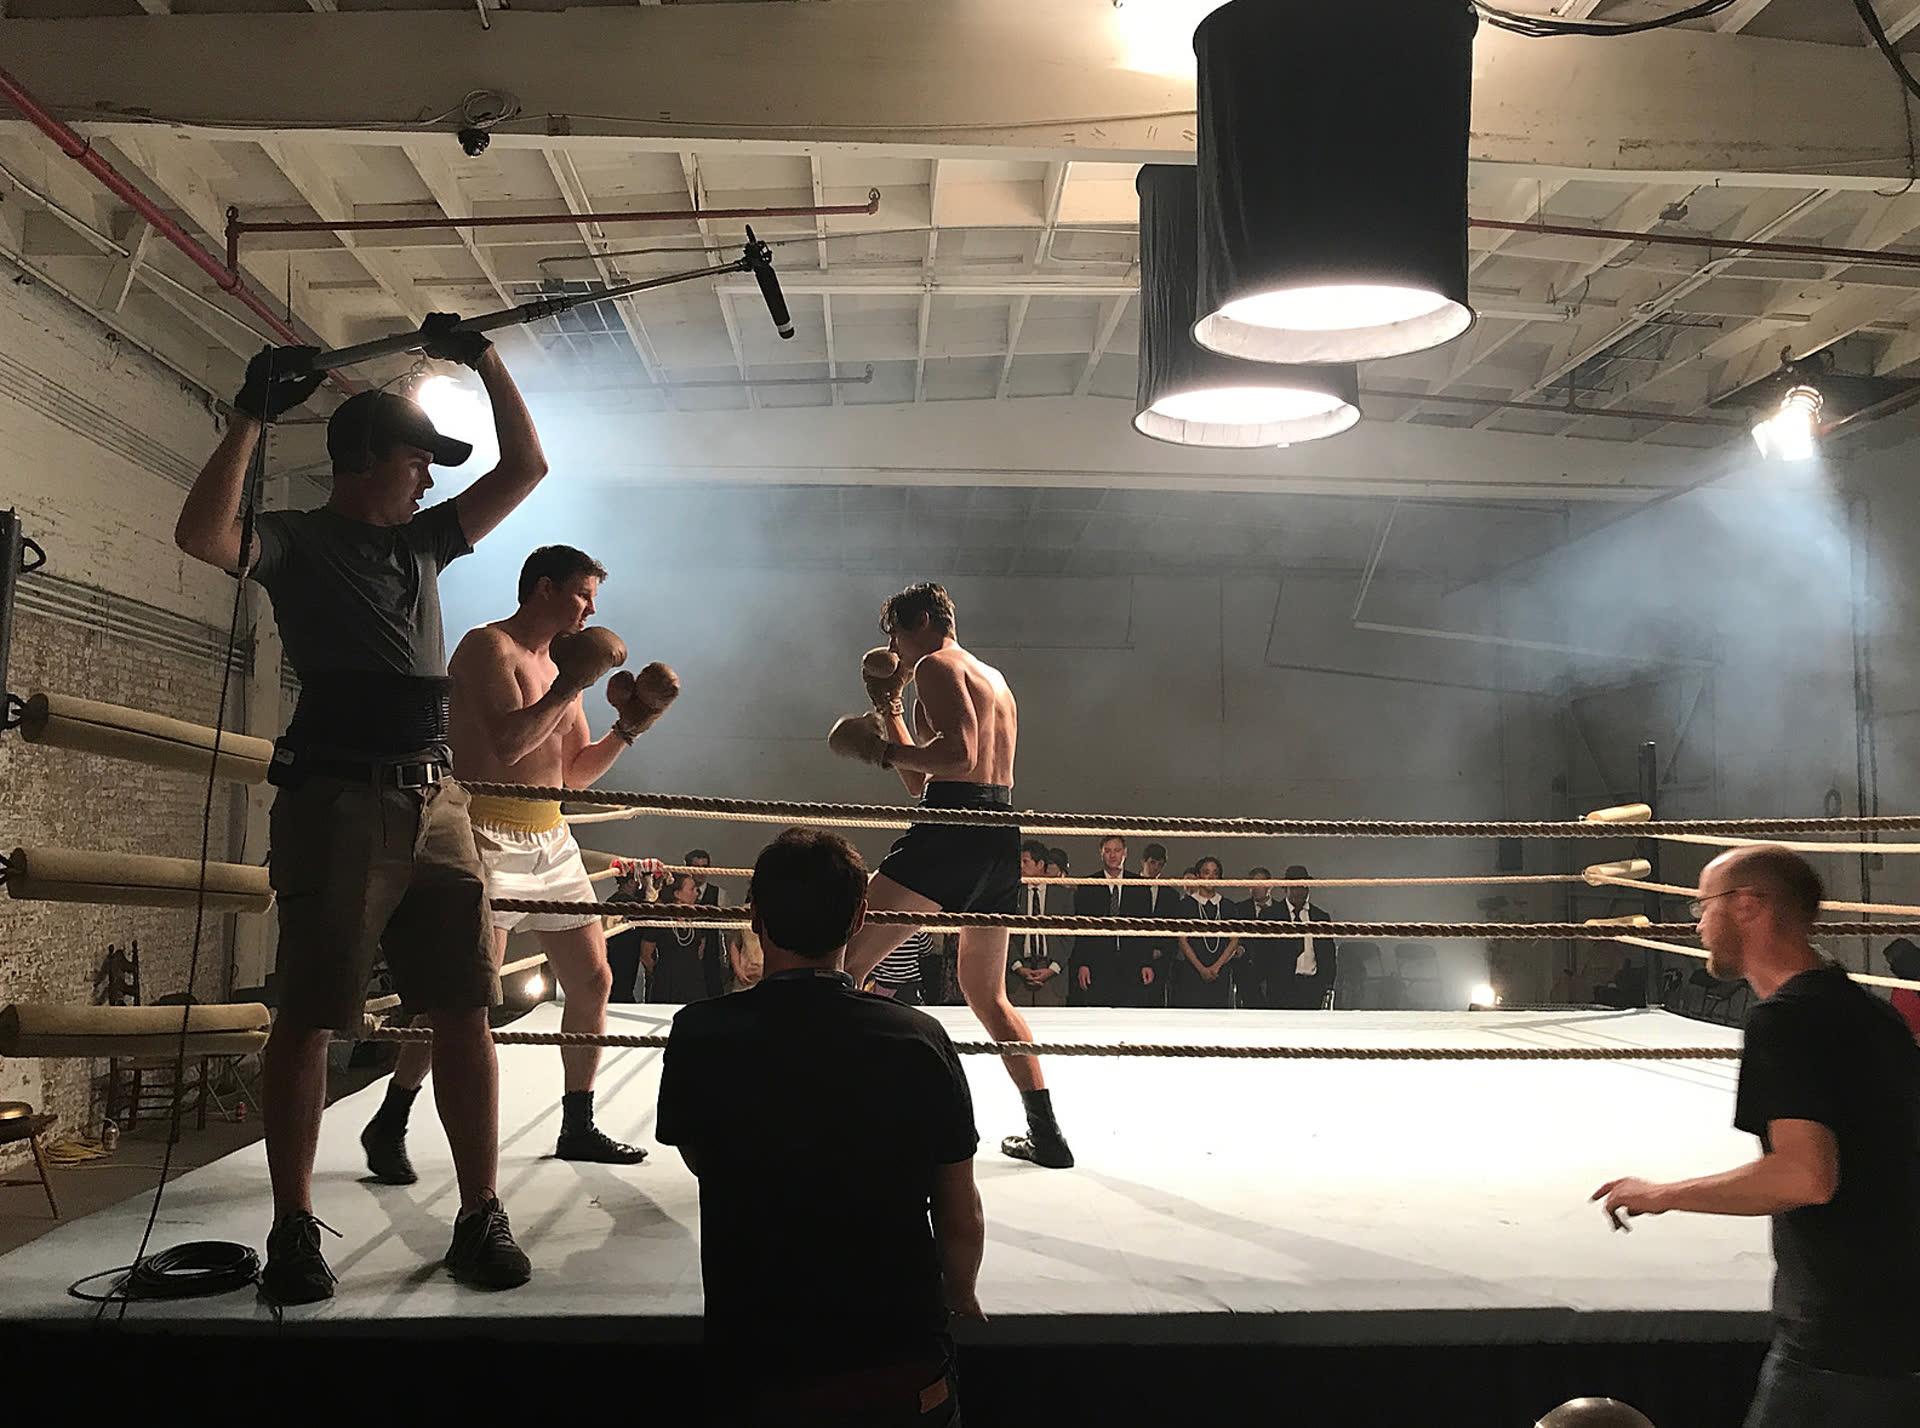 Filming venues